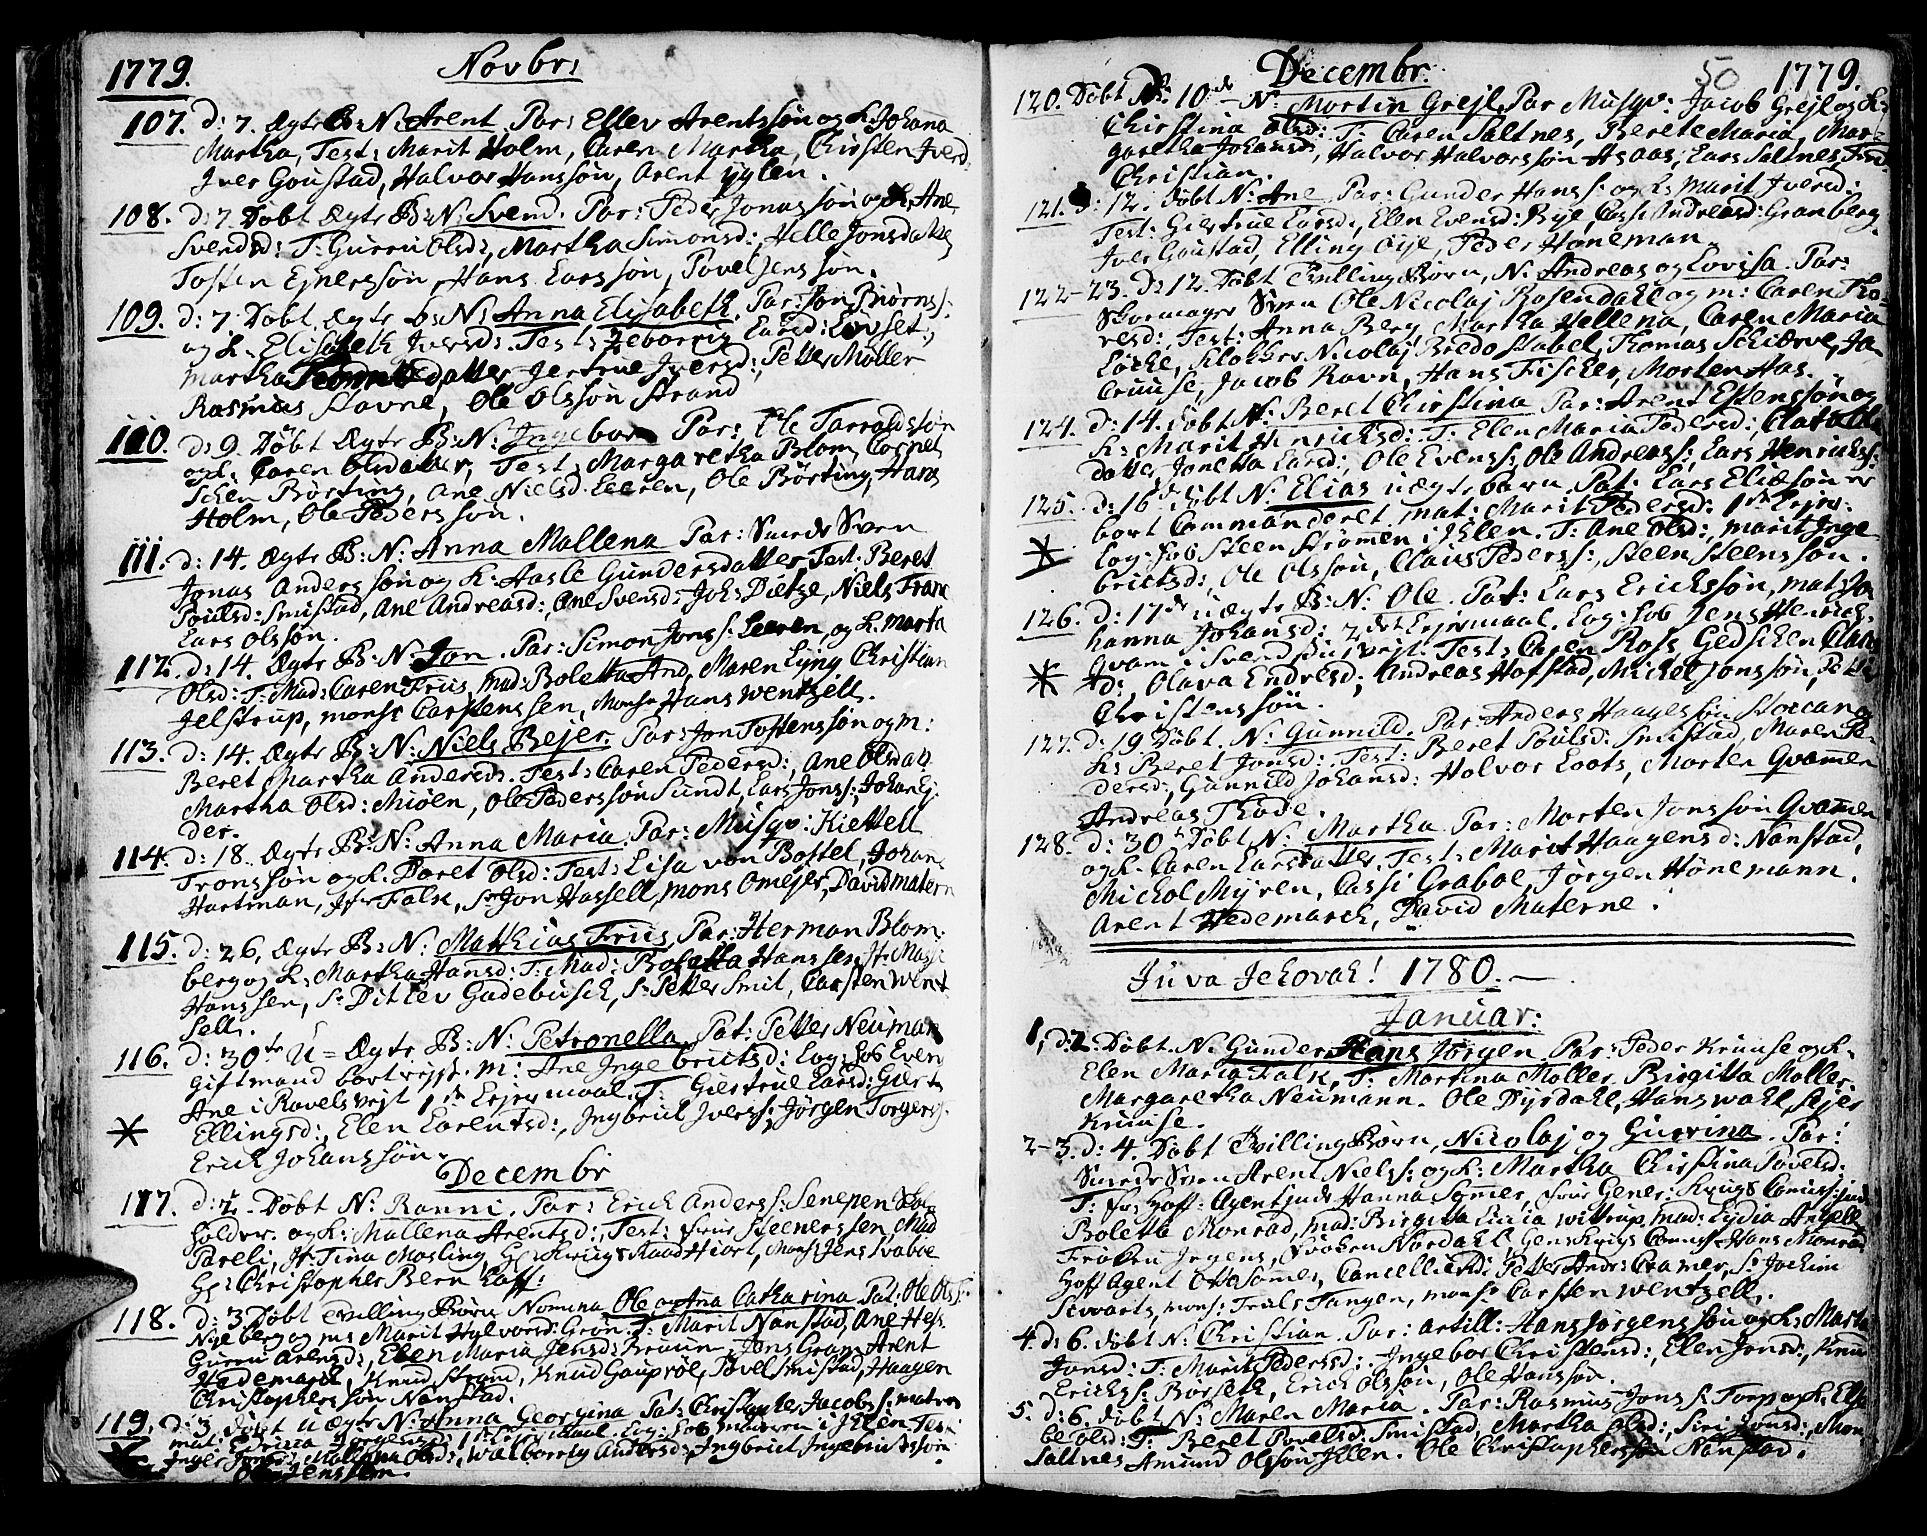 SAT, Ministerialprotokoller, klokkerbøker og fødselsregistre - Sør-Trøndelag, 601/L0039: Ministerialbok nr. 601A07, 1770-1819, s. 50